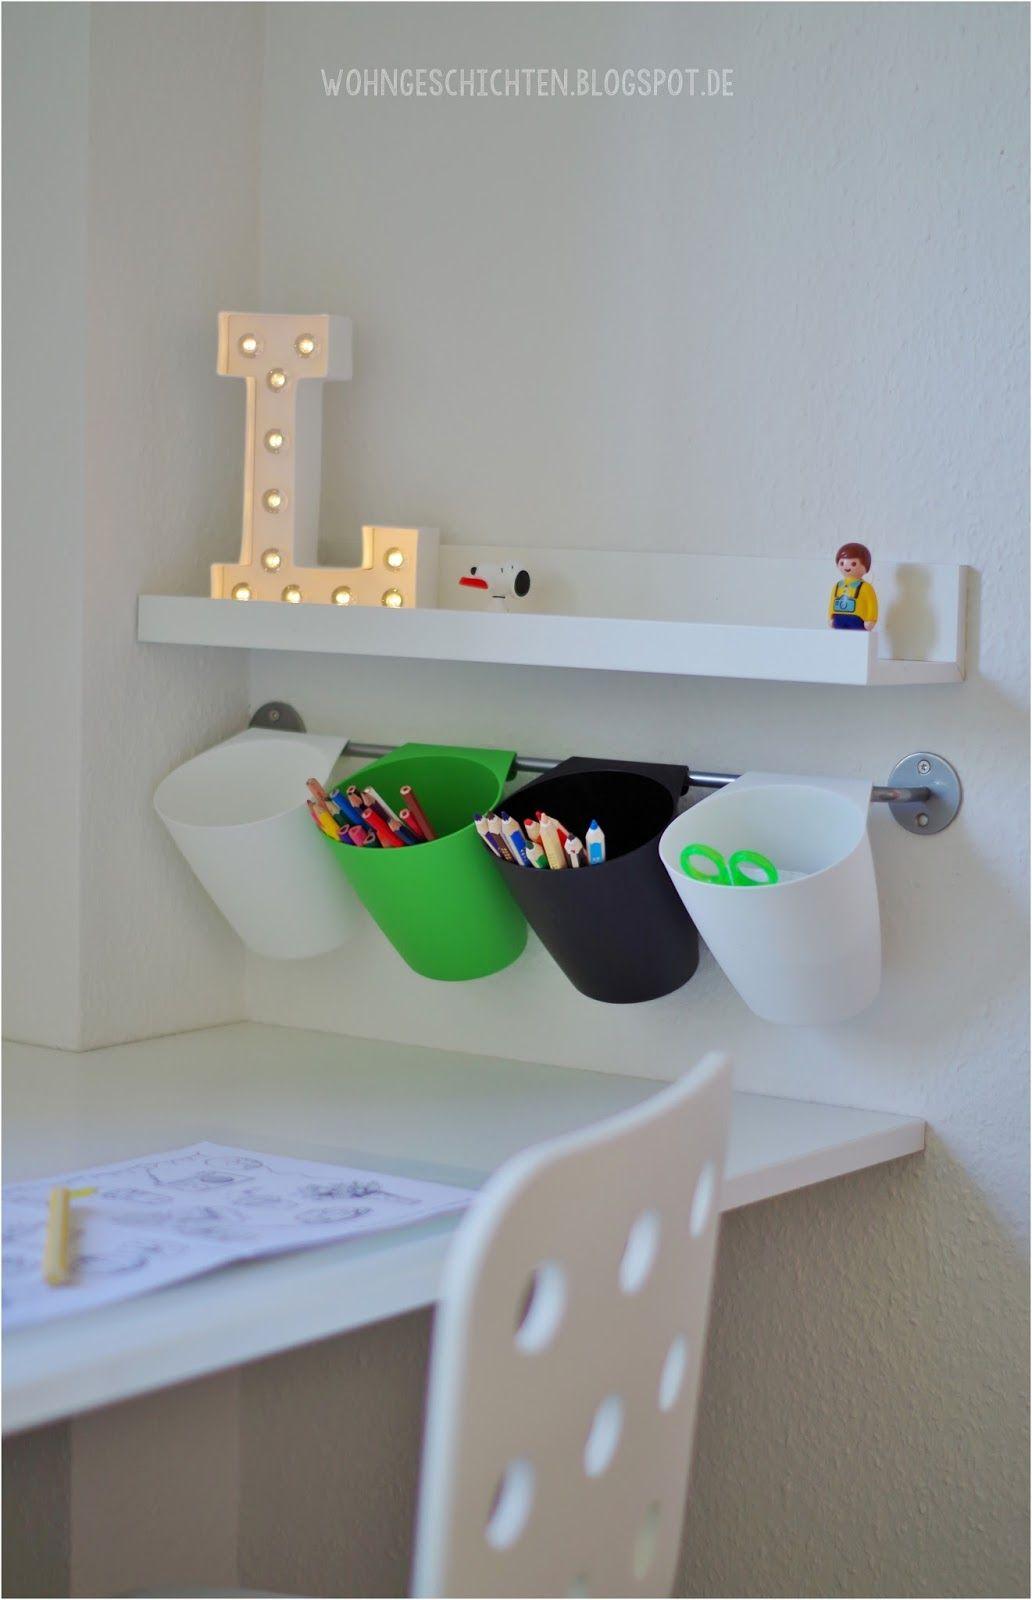 Jugendzimmerstil hellweg kinderzimmer etagenbett schreibtisch jugendzimmer baumarkt